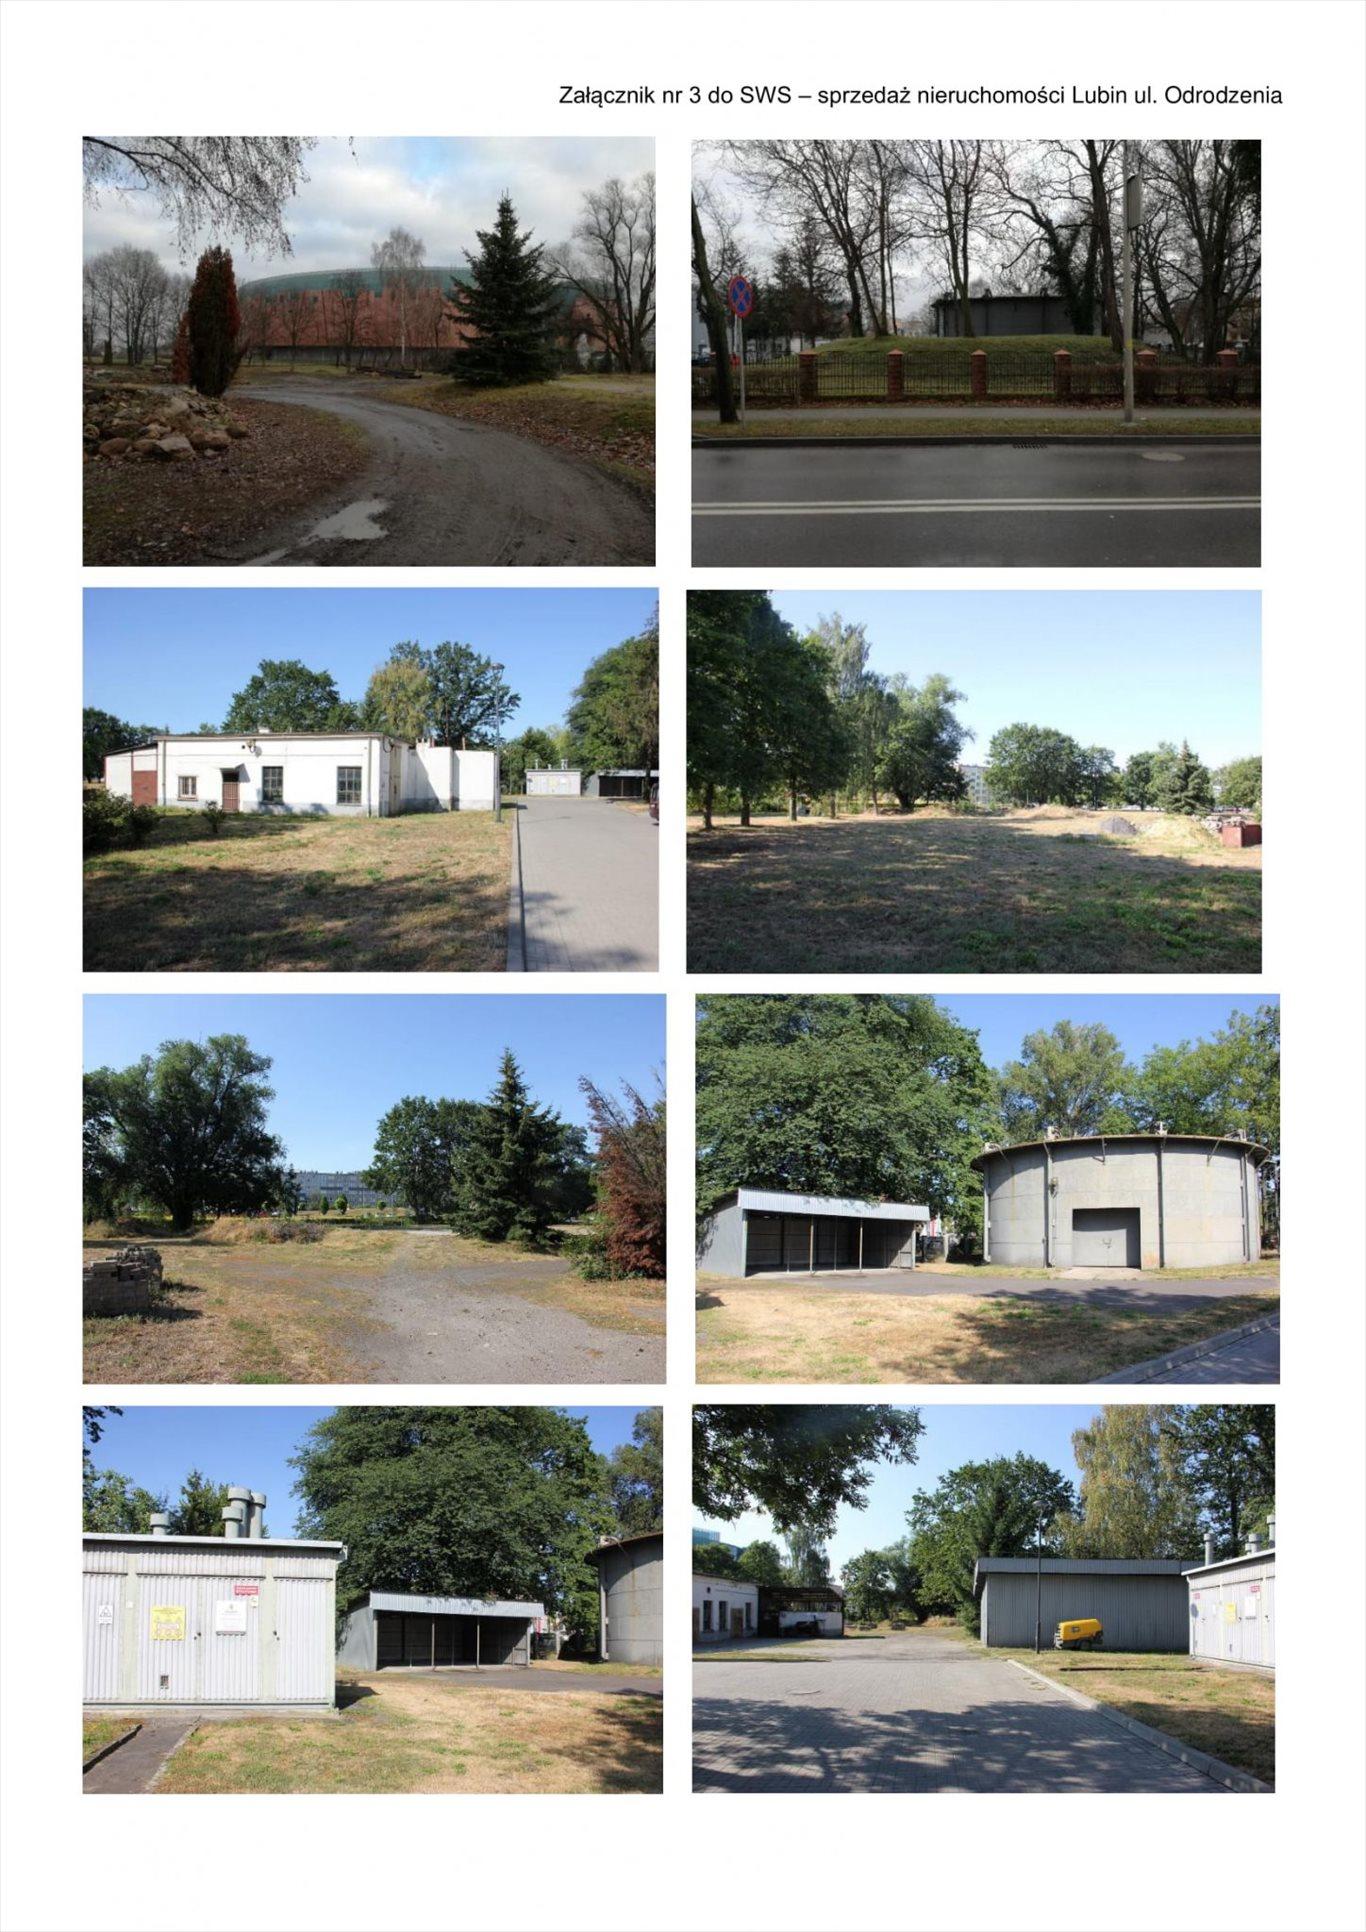 Lokal użytkowy na sprzedaż Lubin  10283m2 Foto 1